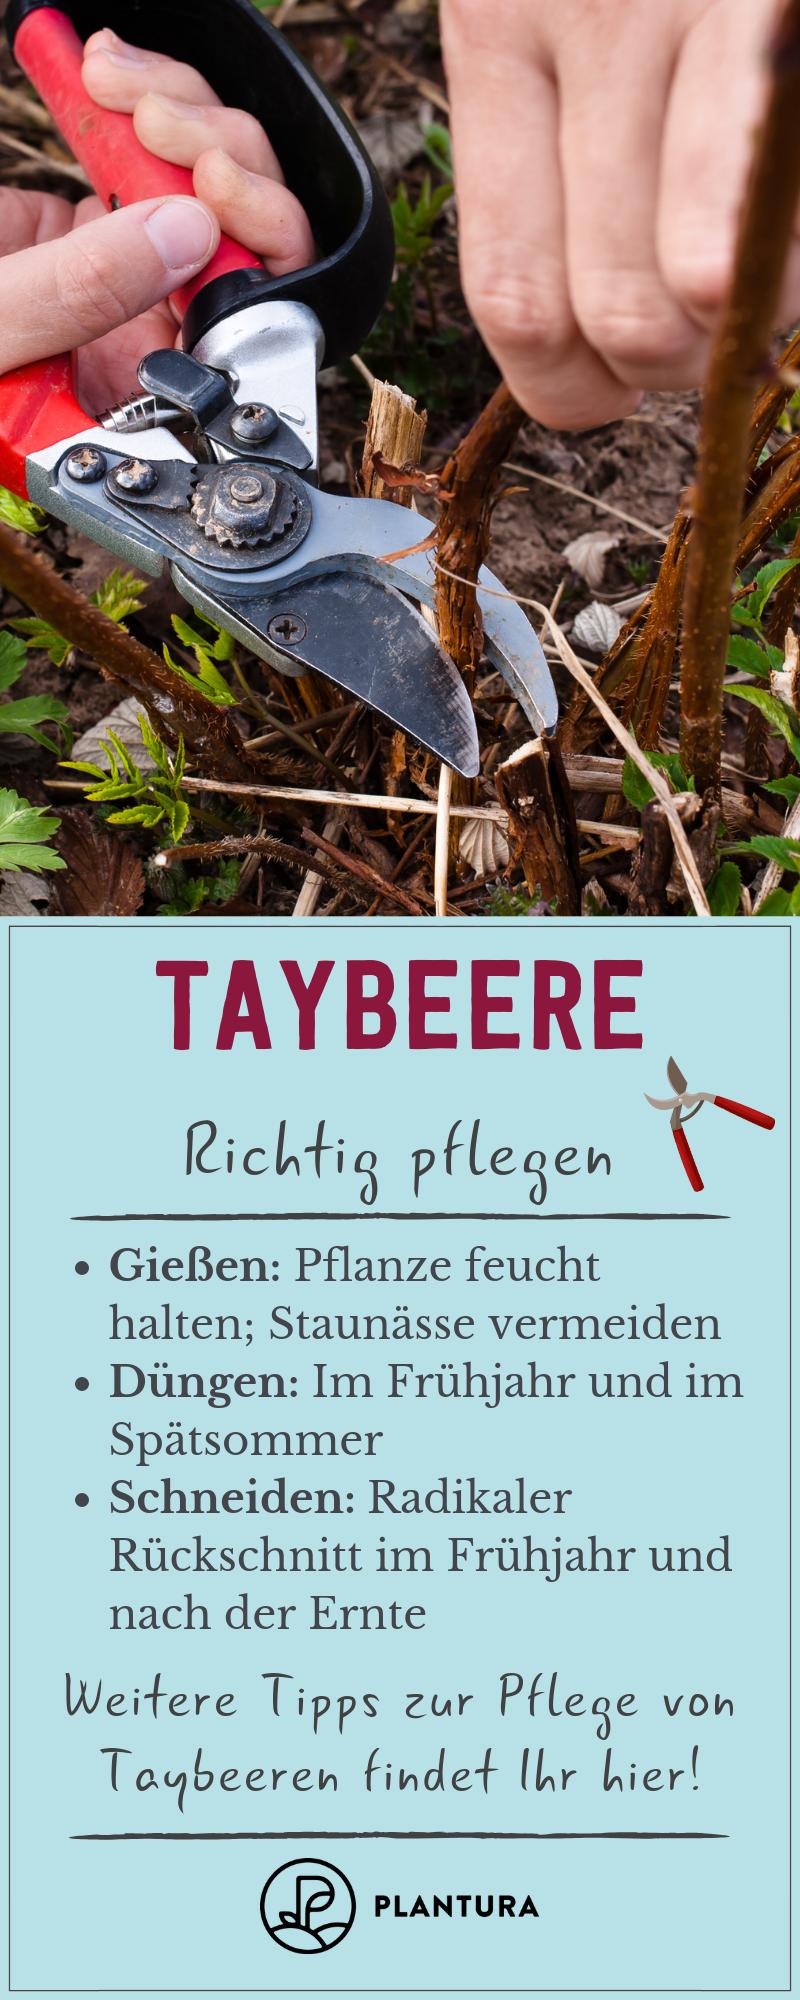 Taybeere: Alles zu Sorten, Pflanzung & Pflege der besonderen Beere - Plantura #orchideenschneiden